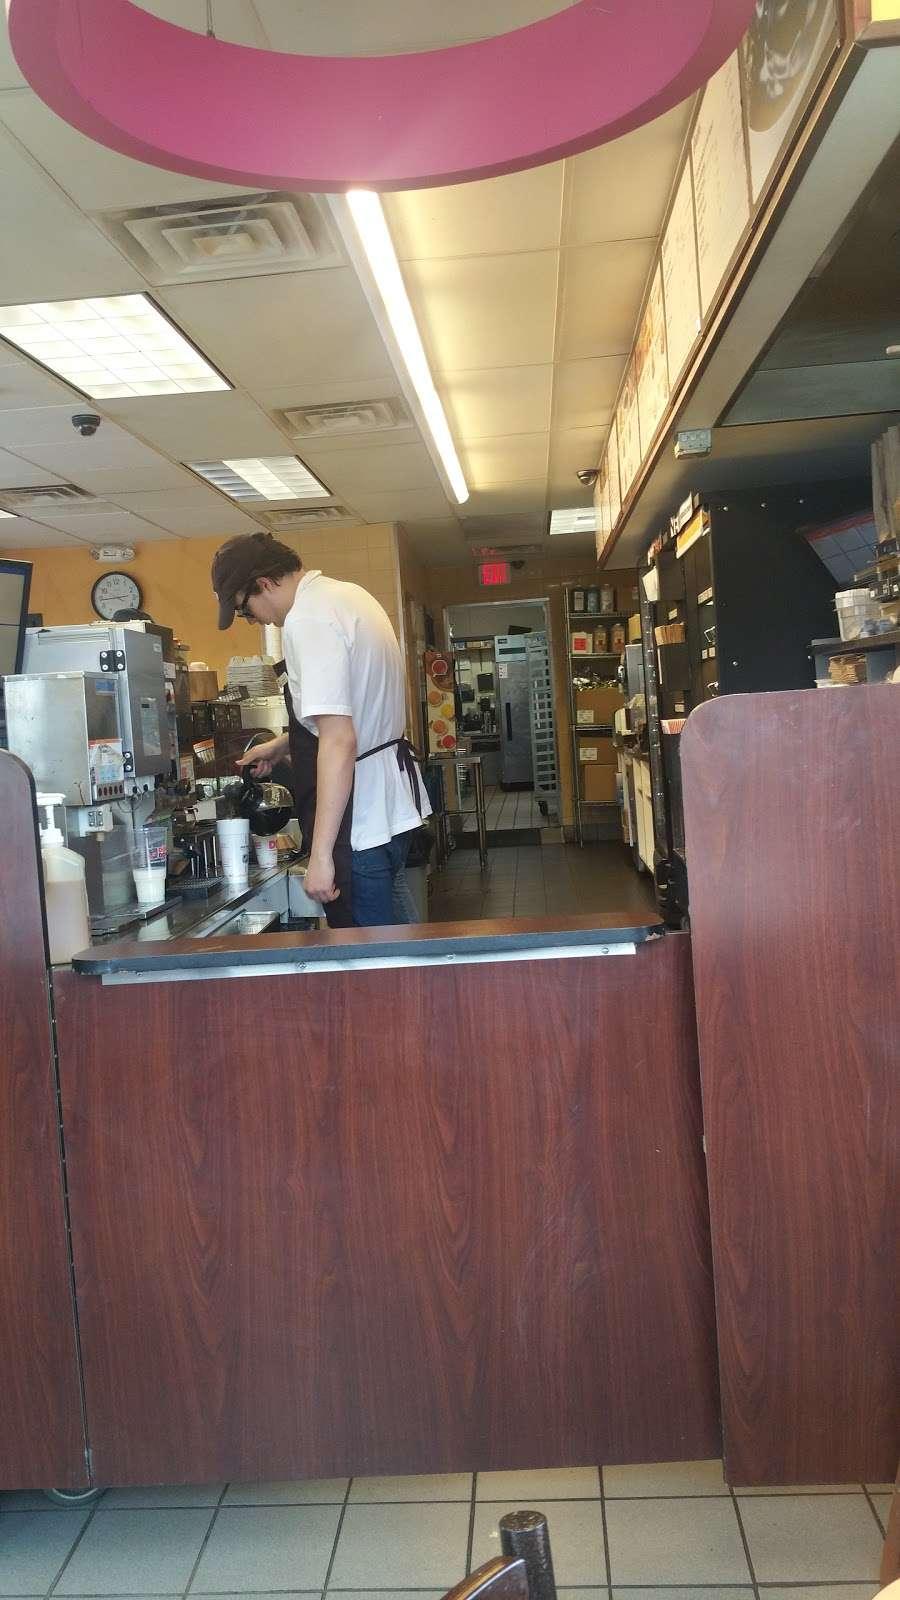 Dunkin Donuts - cafe  | Photo 3 of 10 | Address: 388 Fishkill Ave, Beacon, NY 12508, USA | Phone: (845) 838-6711